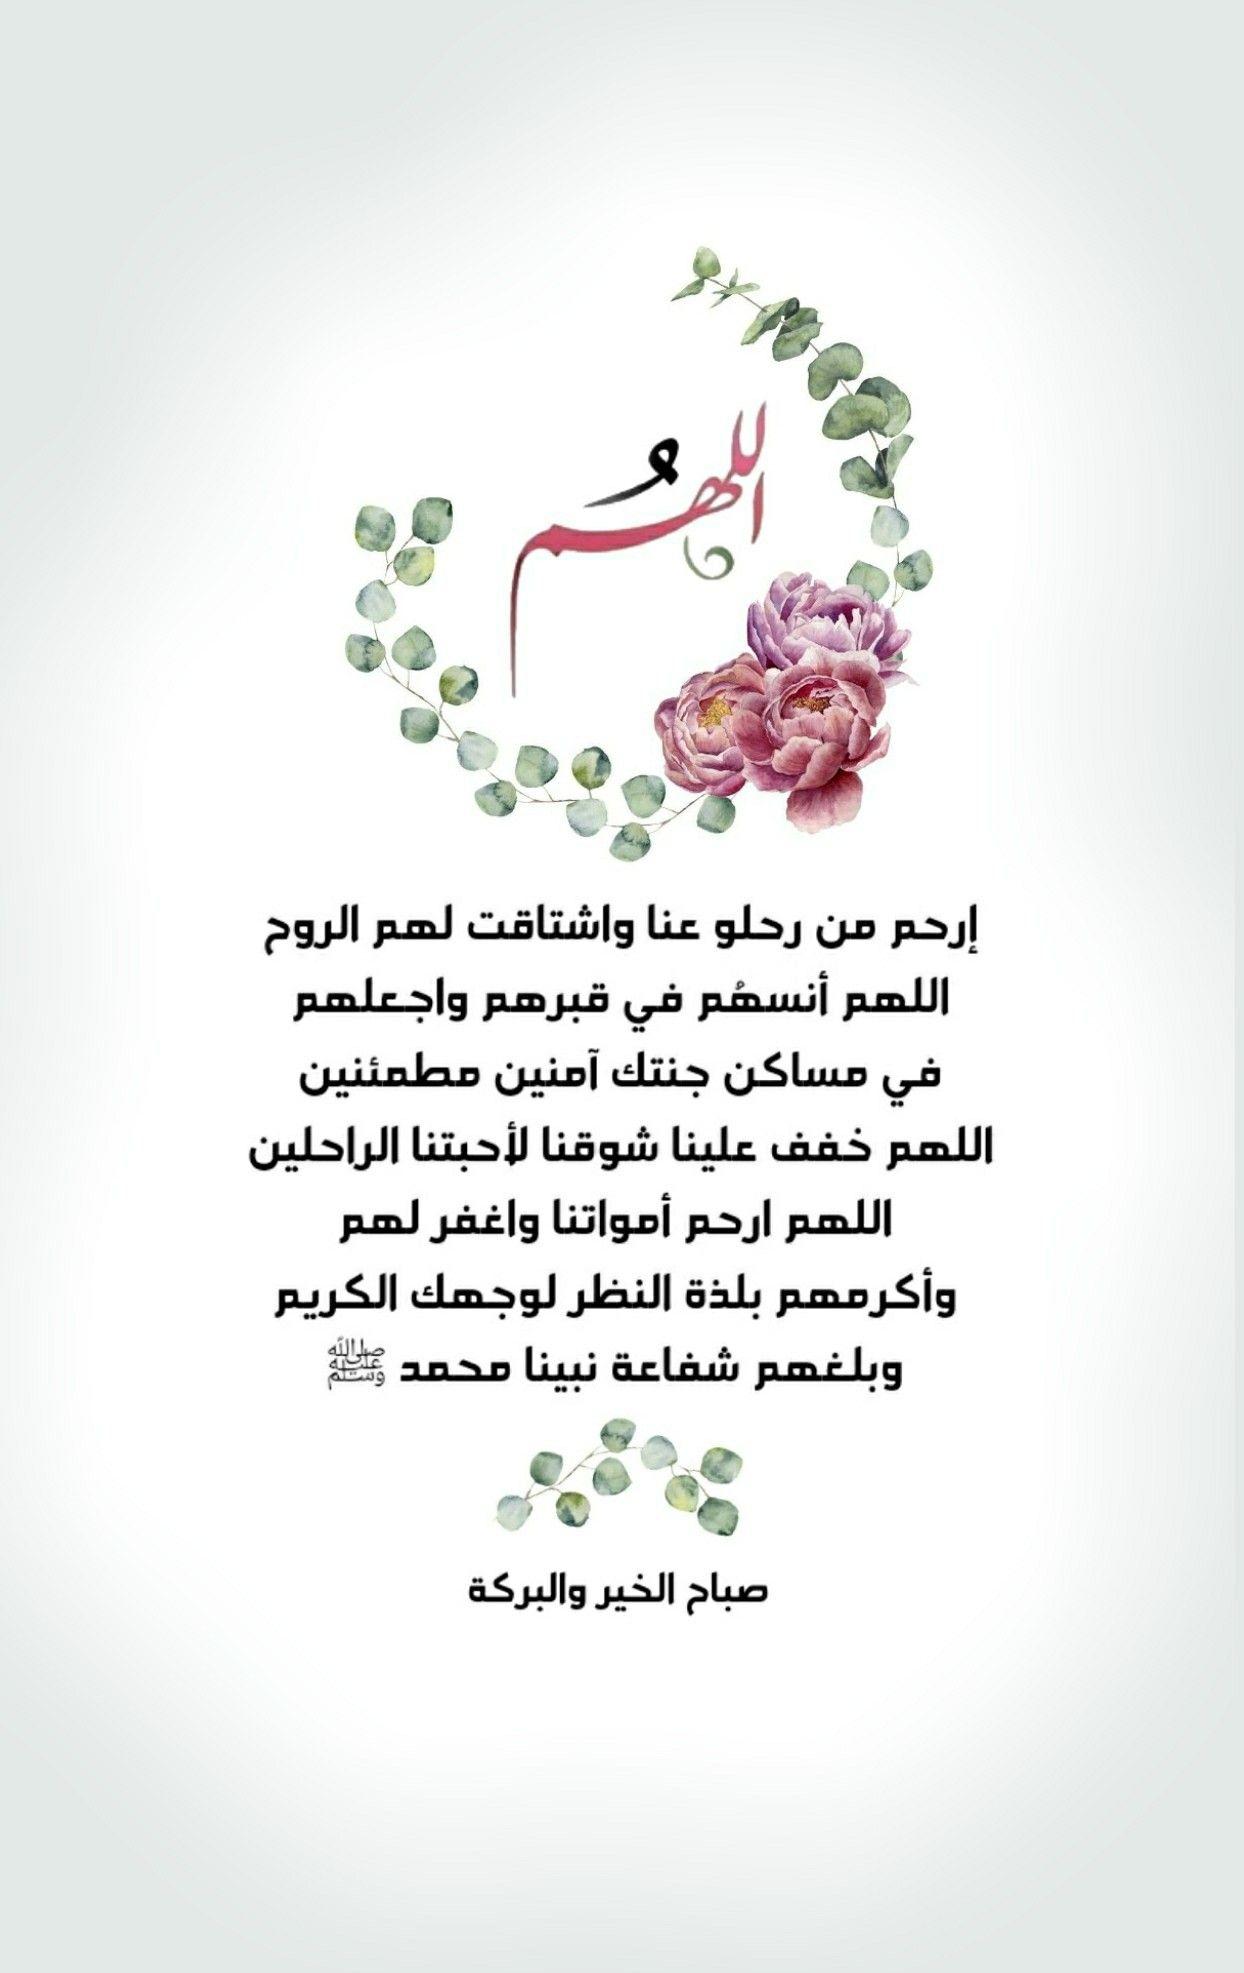 الله م إرحم من رحلو عنا واشتاقت لهم الروح اللهم أنسه م في قبرهم واجعلهم في مساكن جن Quran Quotes Love Quran Quotes Inspirational Morning Greetings Quotes